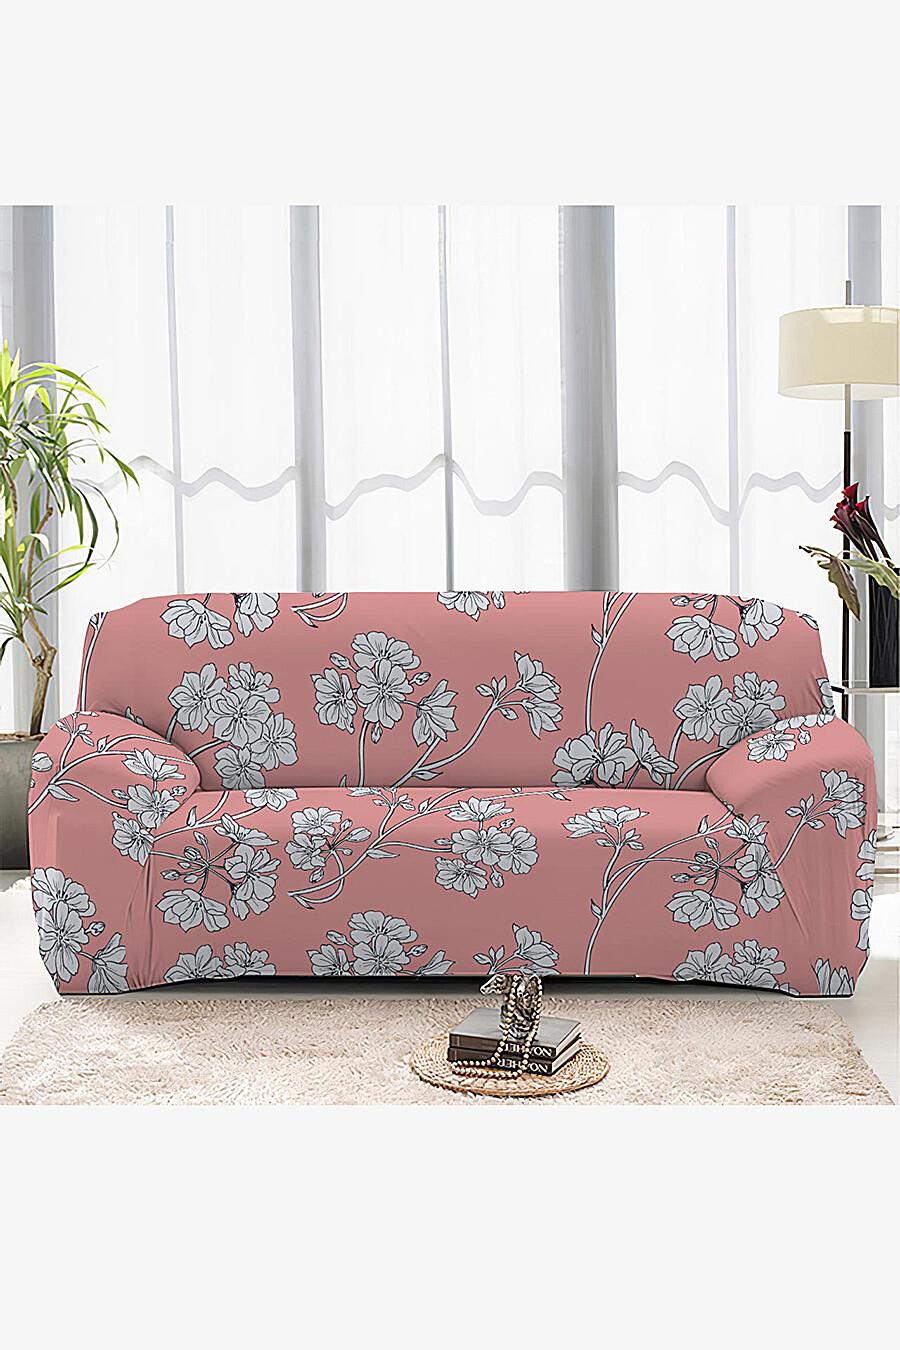 Чехол на диван для дома ART HOME TEXTILE 162912 купить оптом от производителя. Совместная покупка товаров для дома в OptMoyo